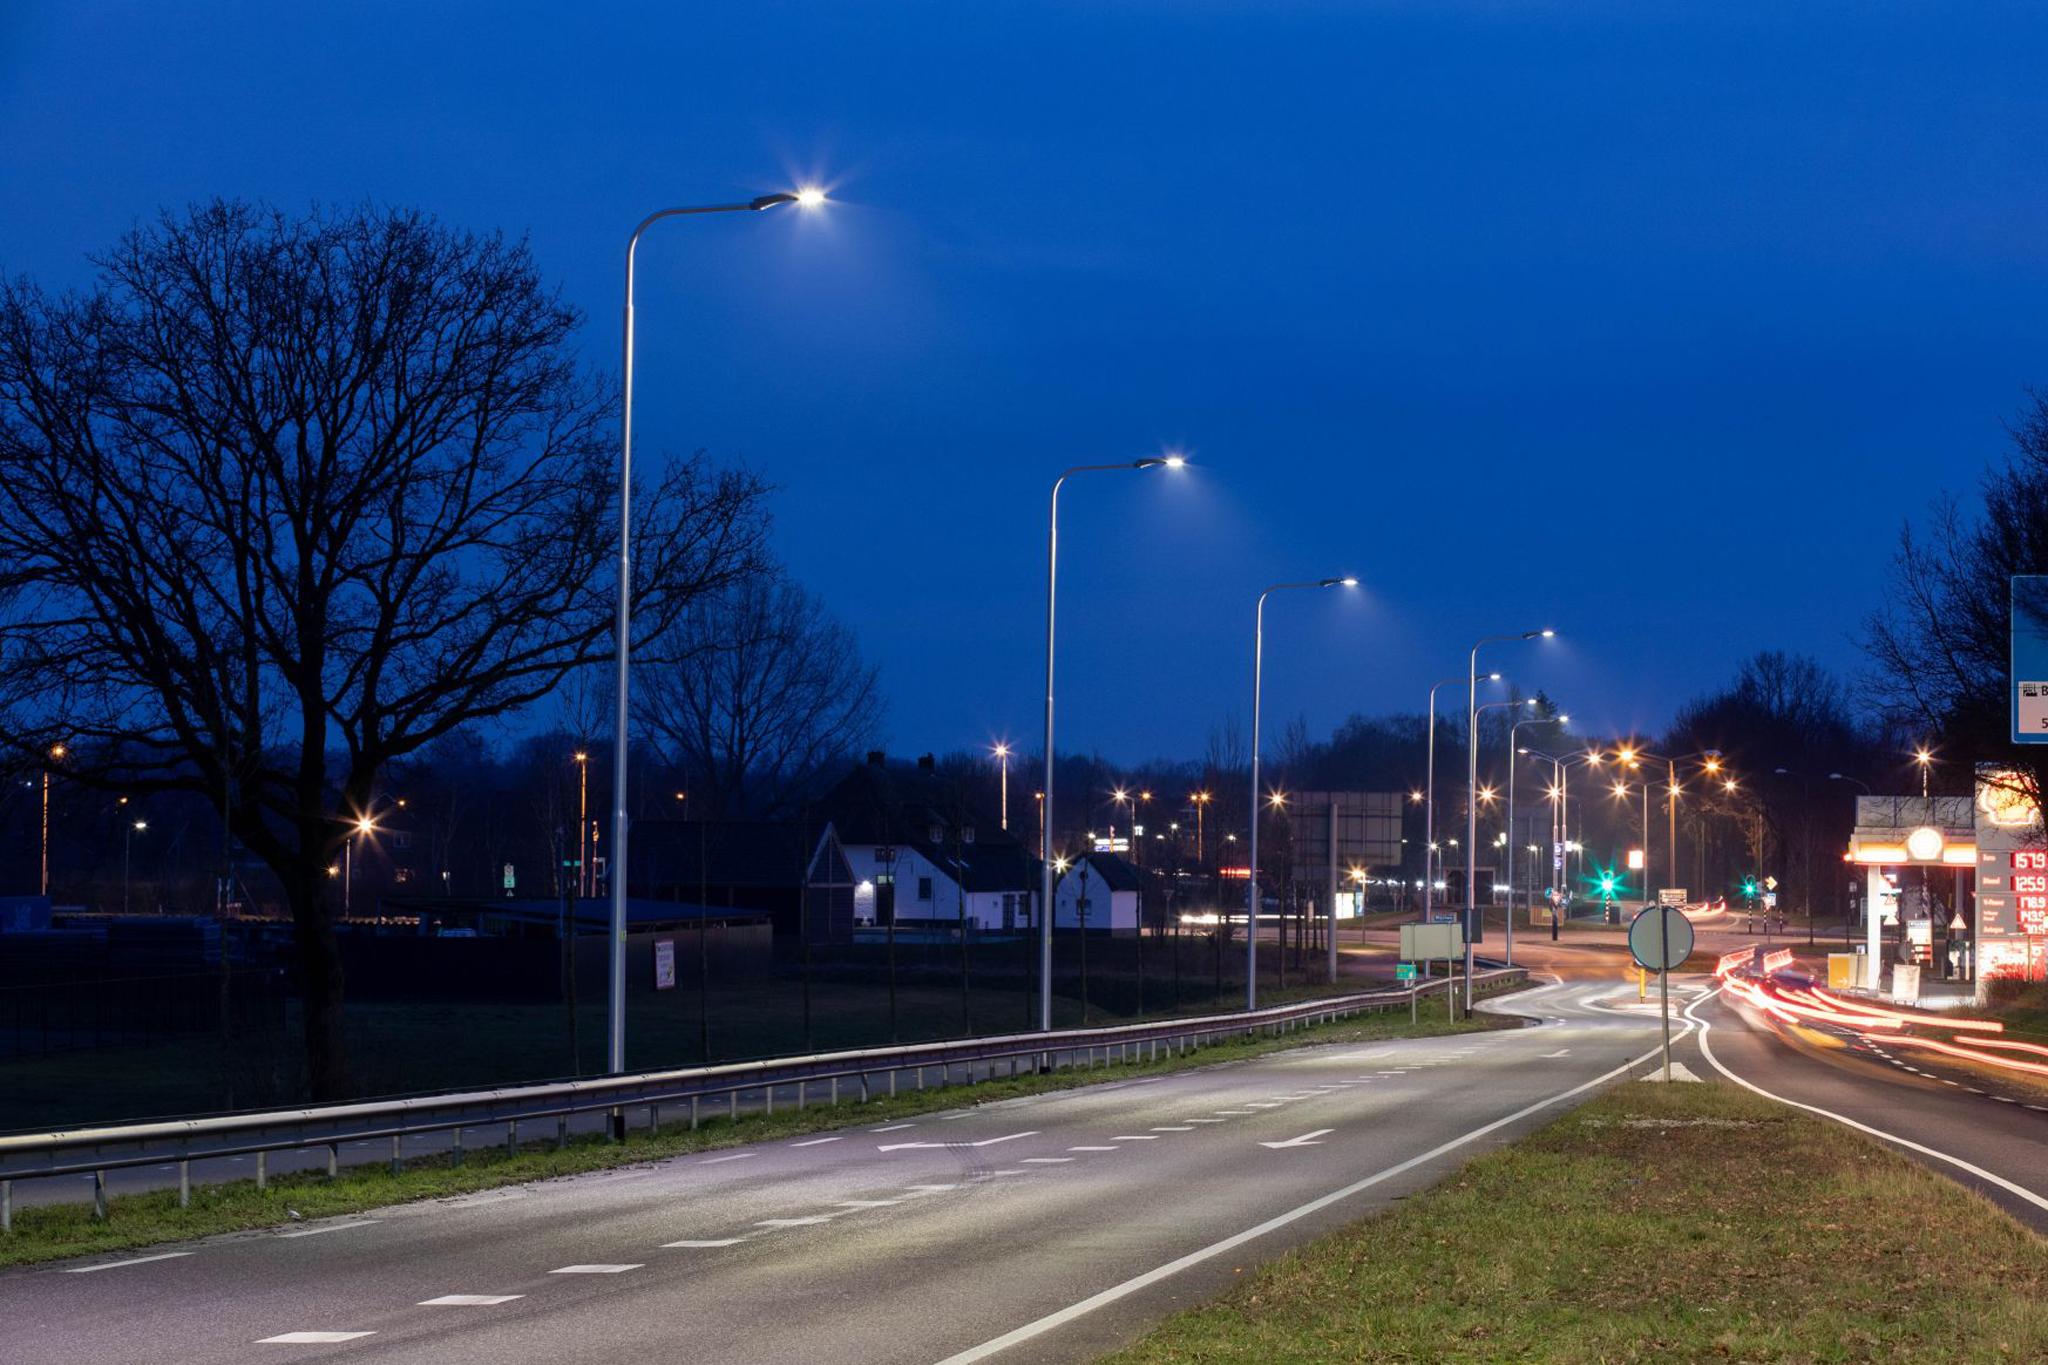 Luminarias quantum alumbran el camino entre Beuningen y Winchen en Países Bajos